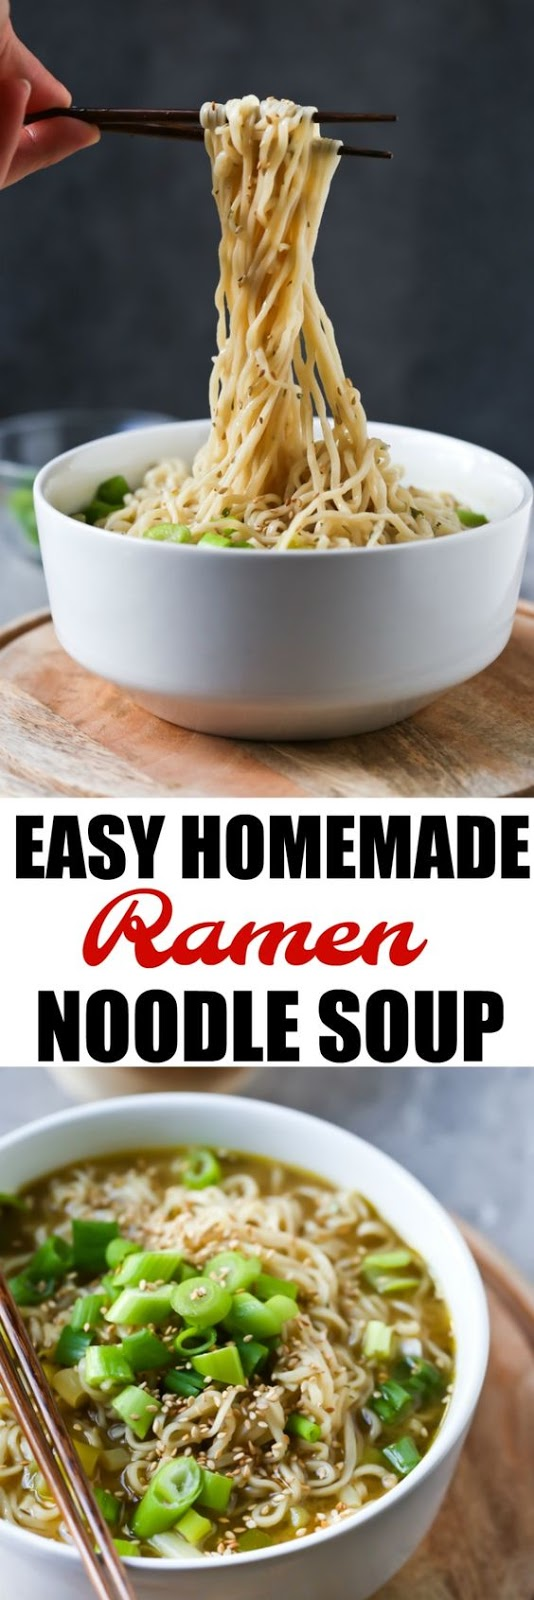 Easy Homemade Ramen Noodle Soup